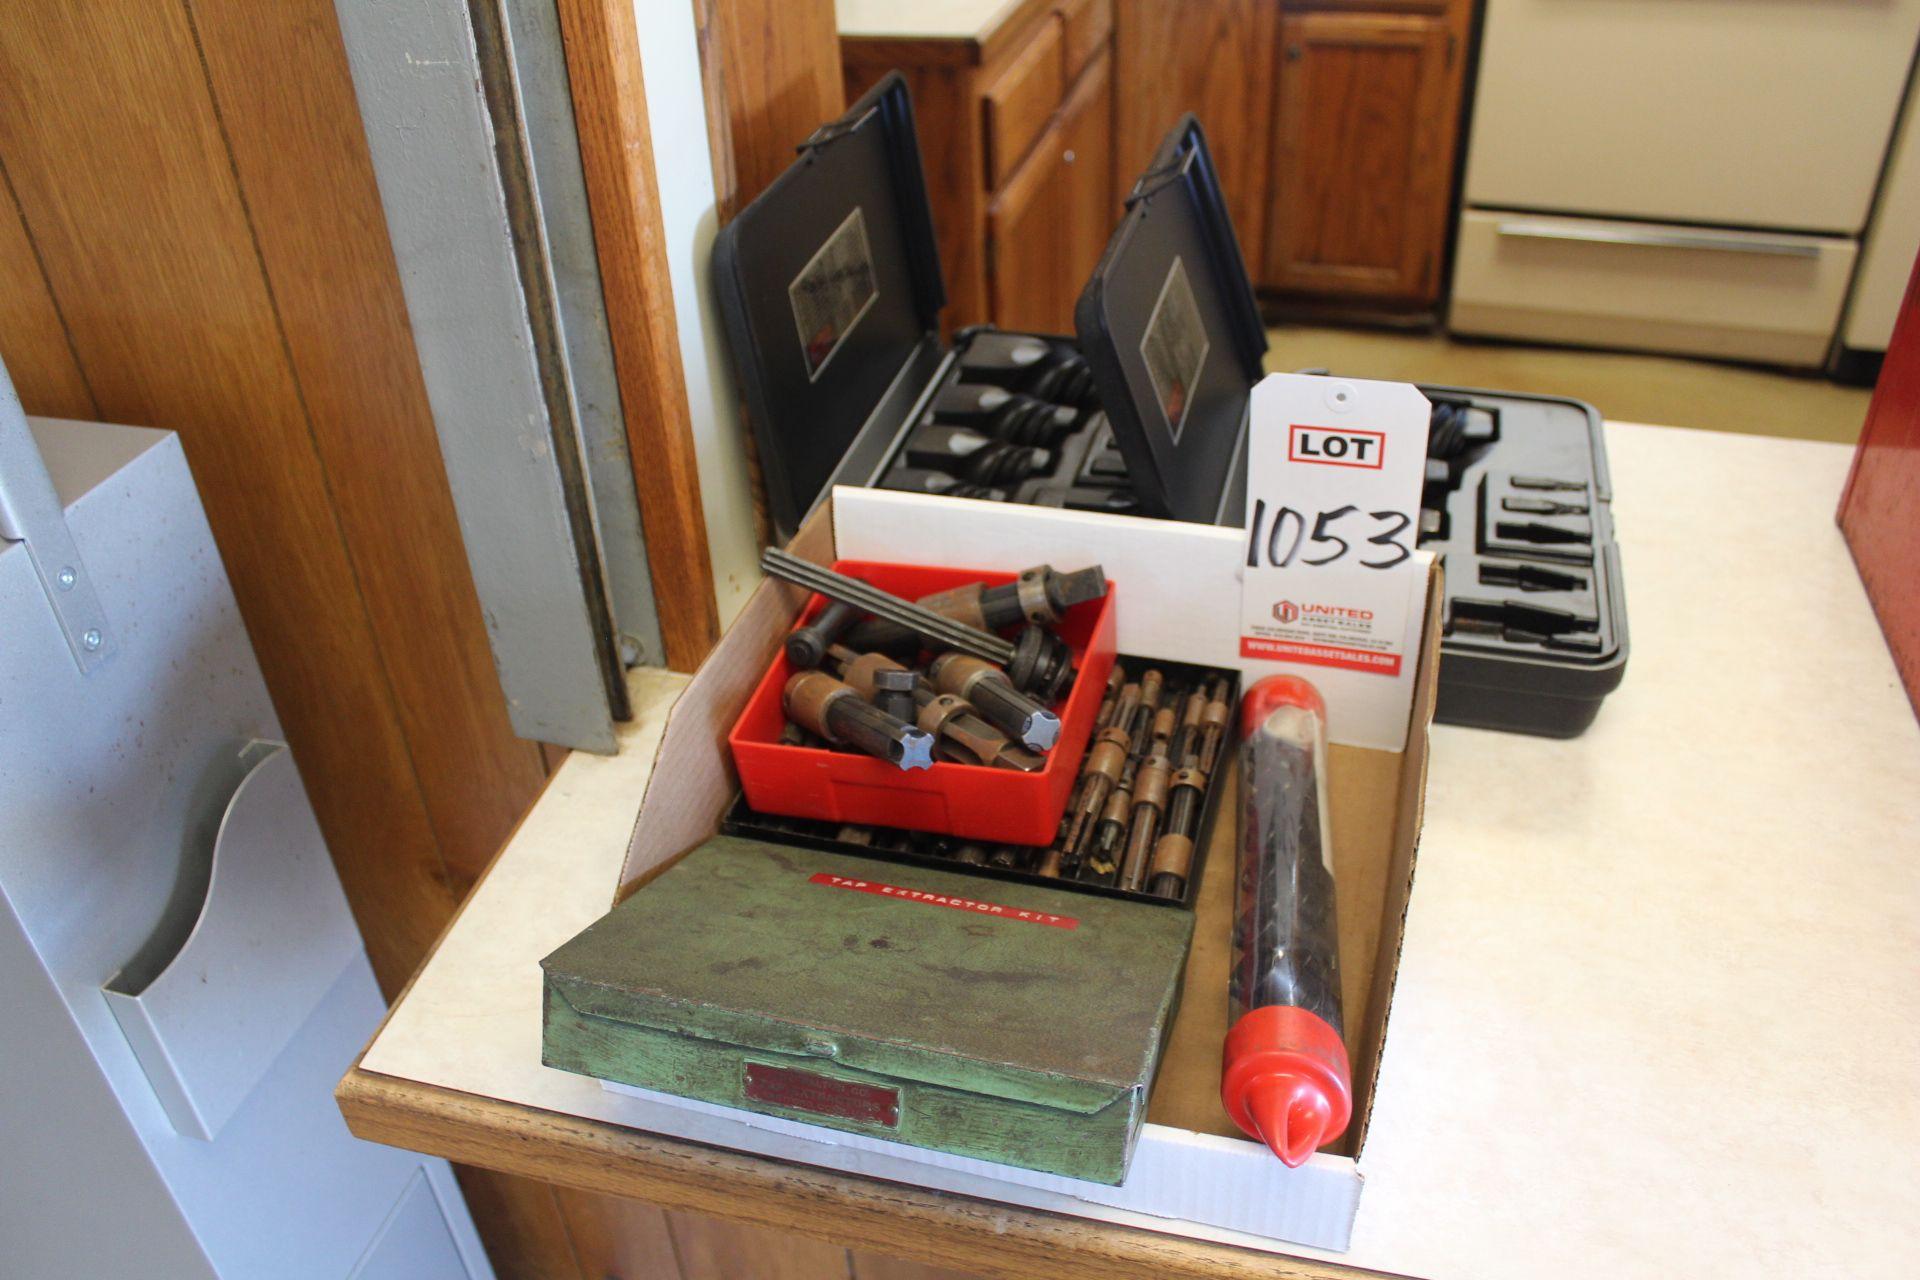 Lot 1053 - LOT - TAP EXTRACTORS, (LUNCHROOM)